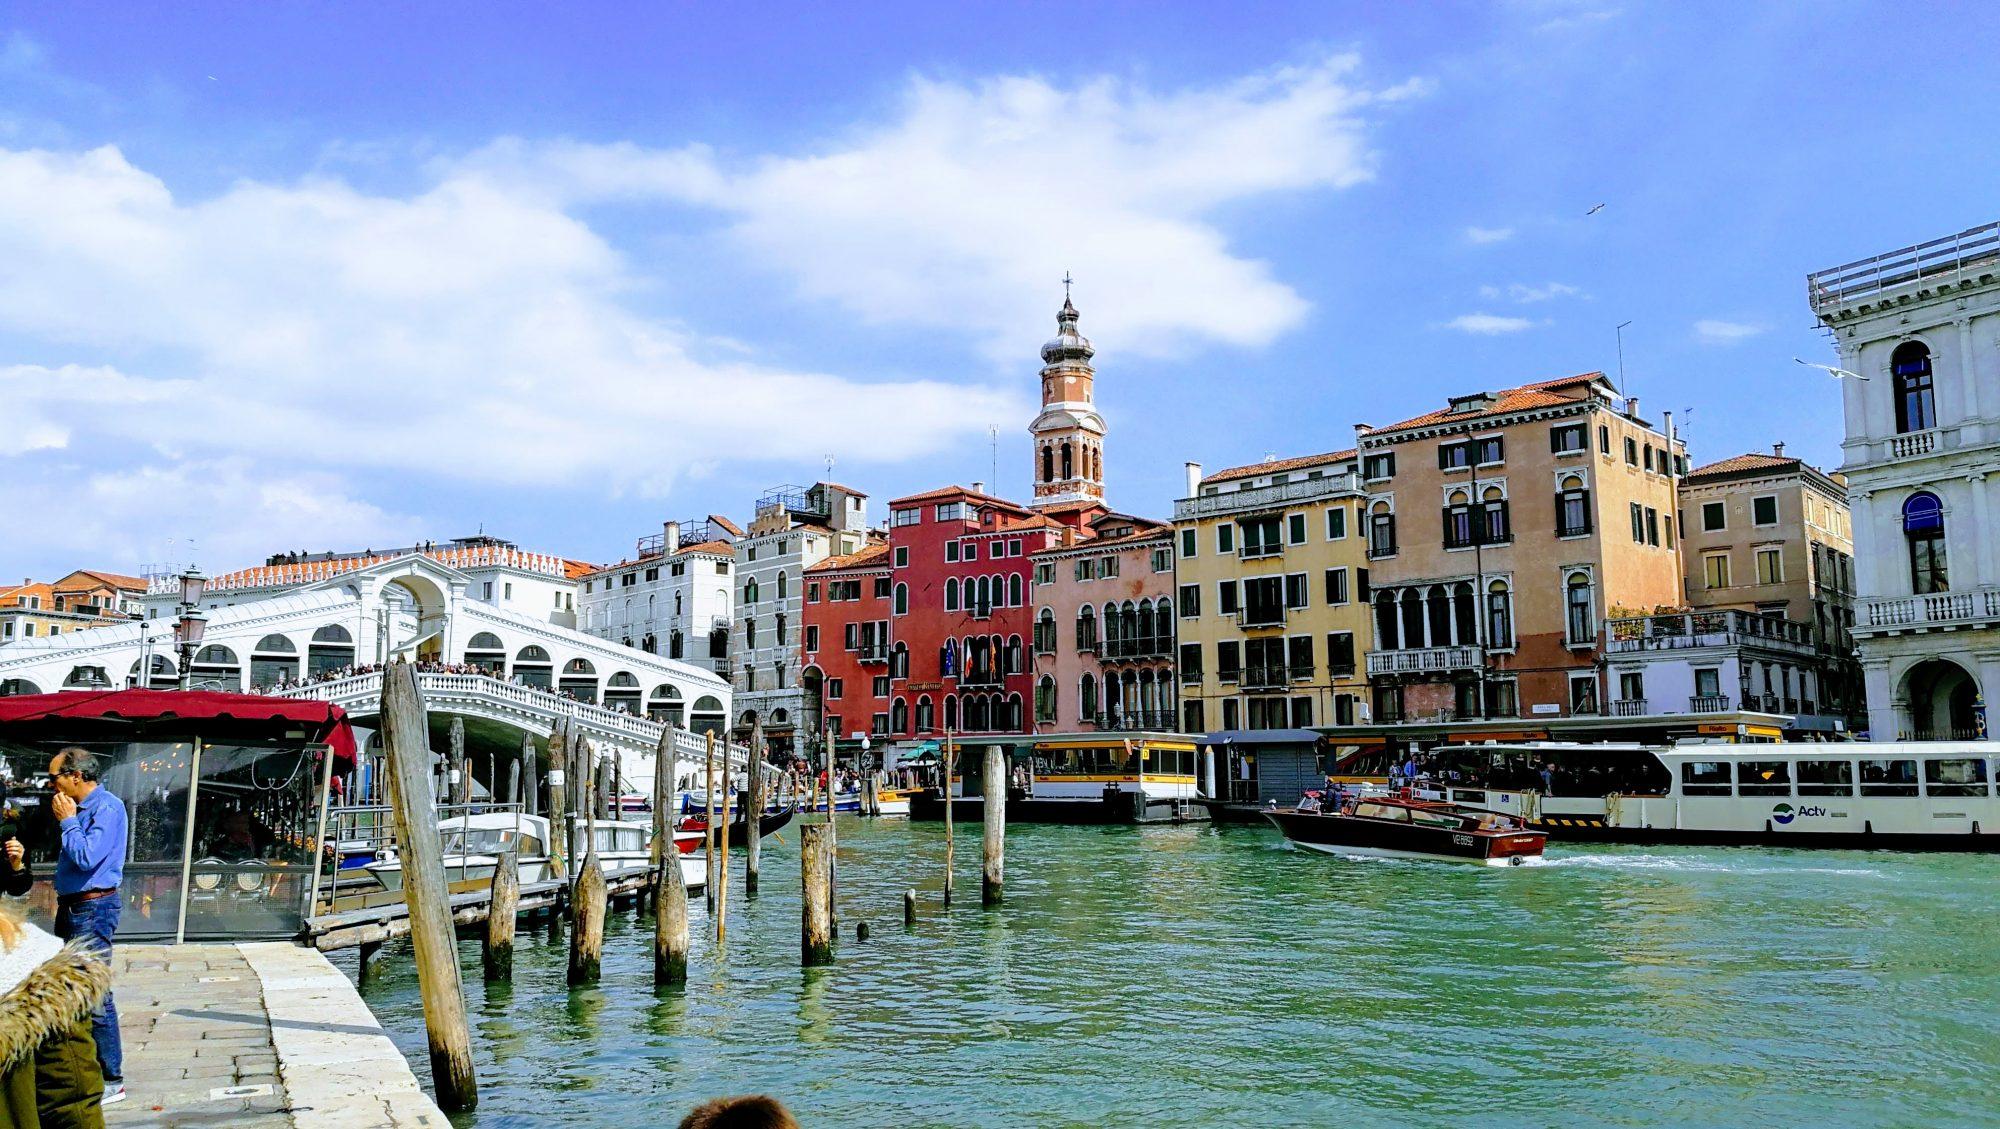 Venecia, Gran Canal y Puente de Rialto